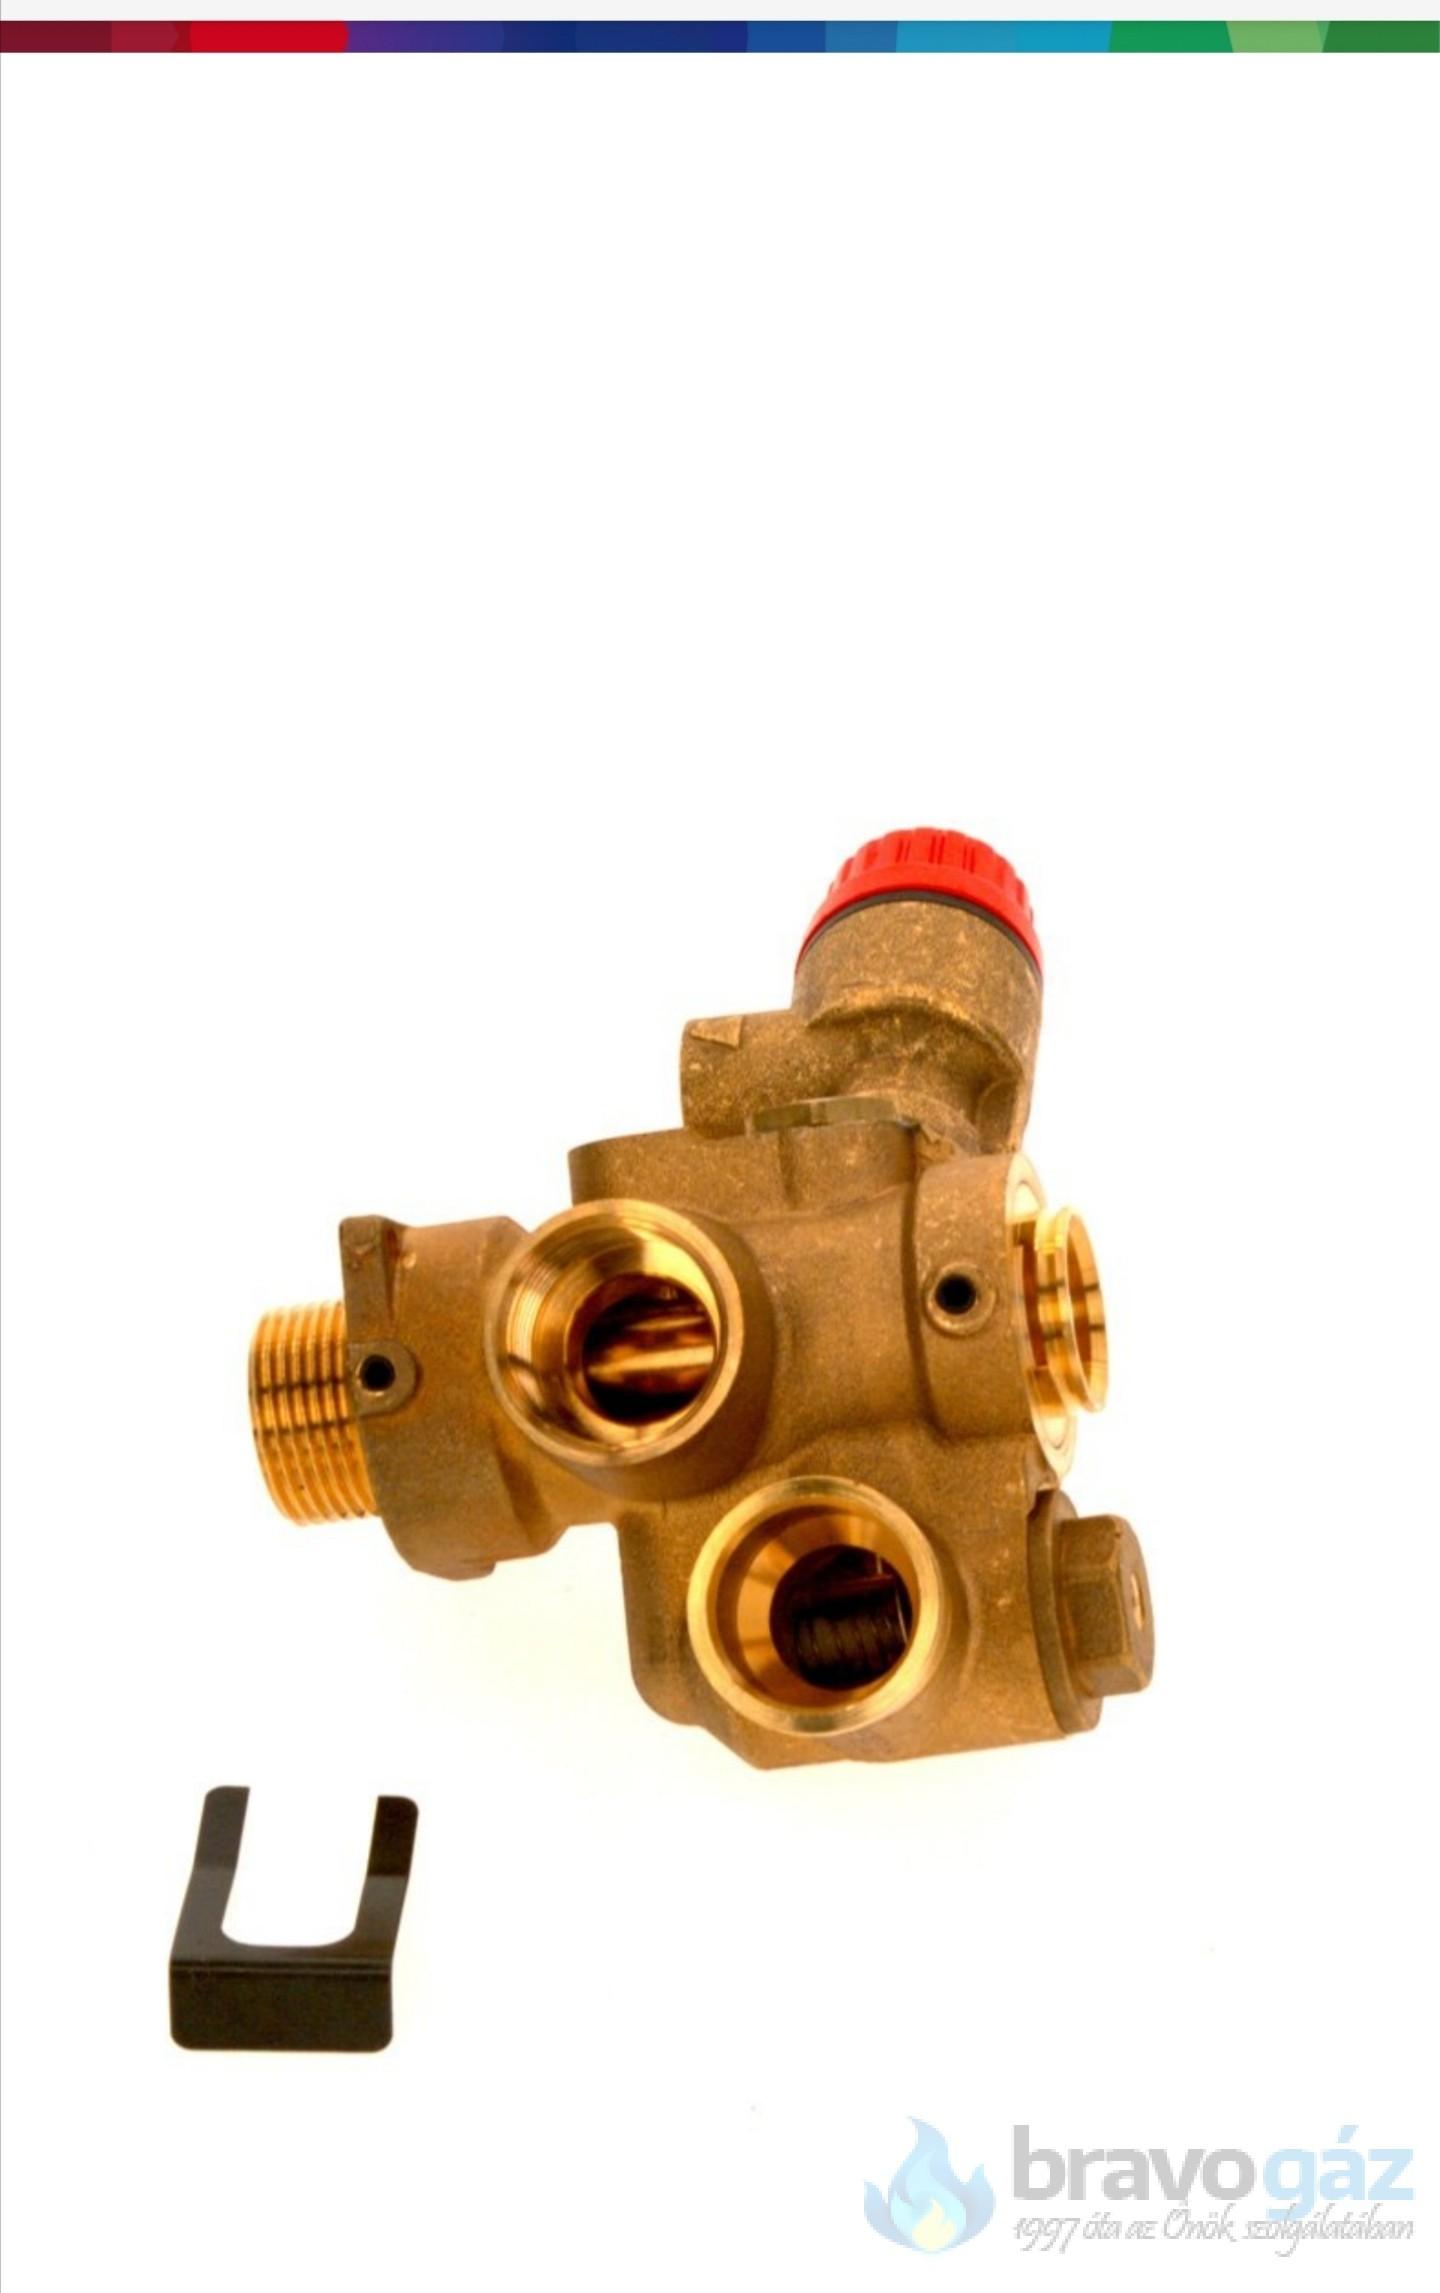 Bosch Háromjáratú szelep - 87215745080